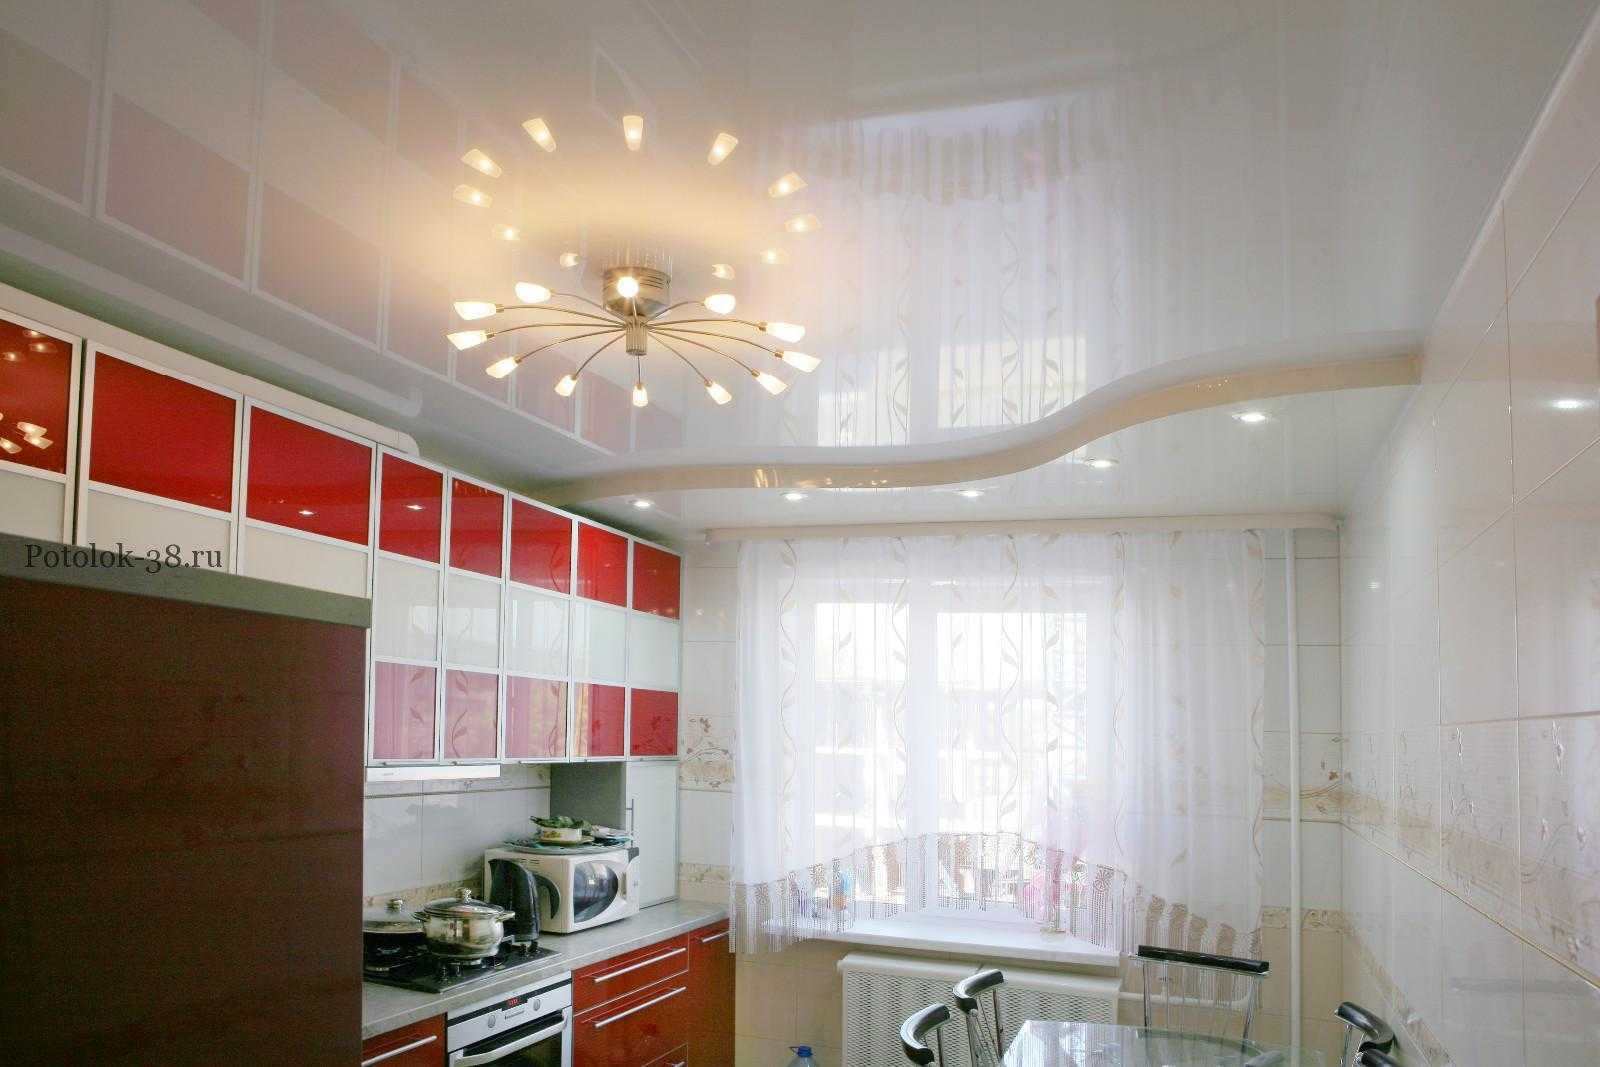 Фотографии натяжных потолков в кухню